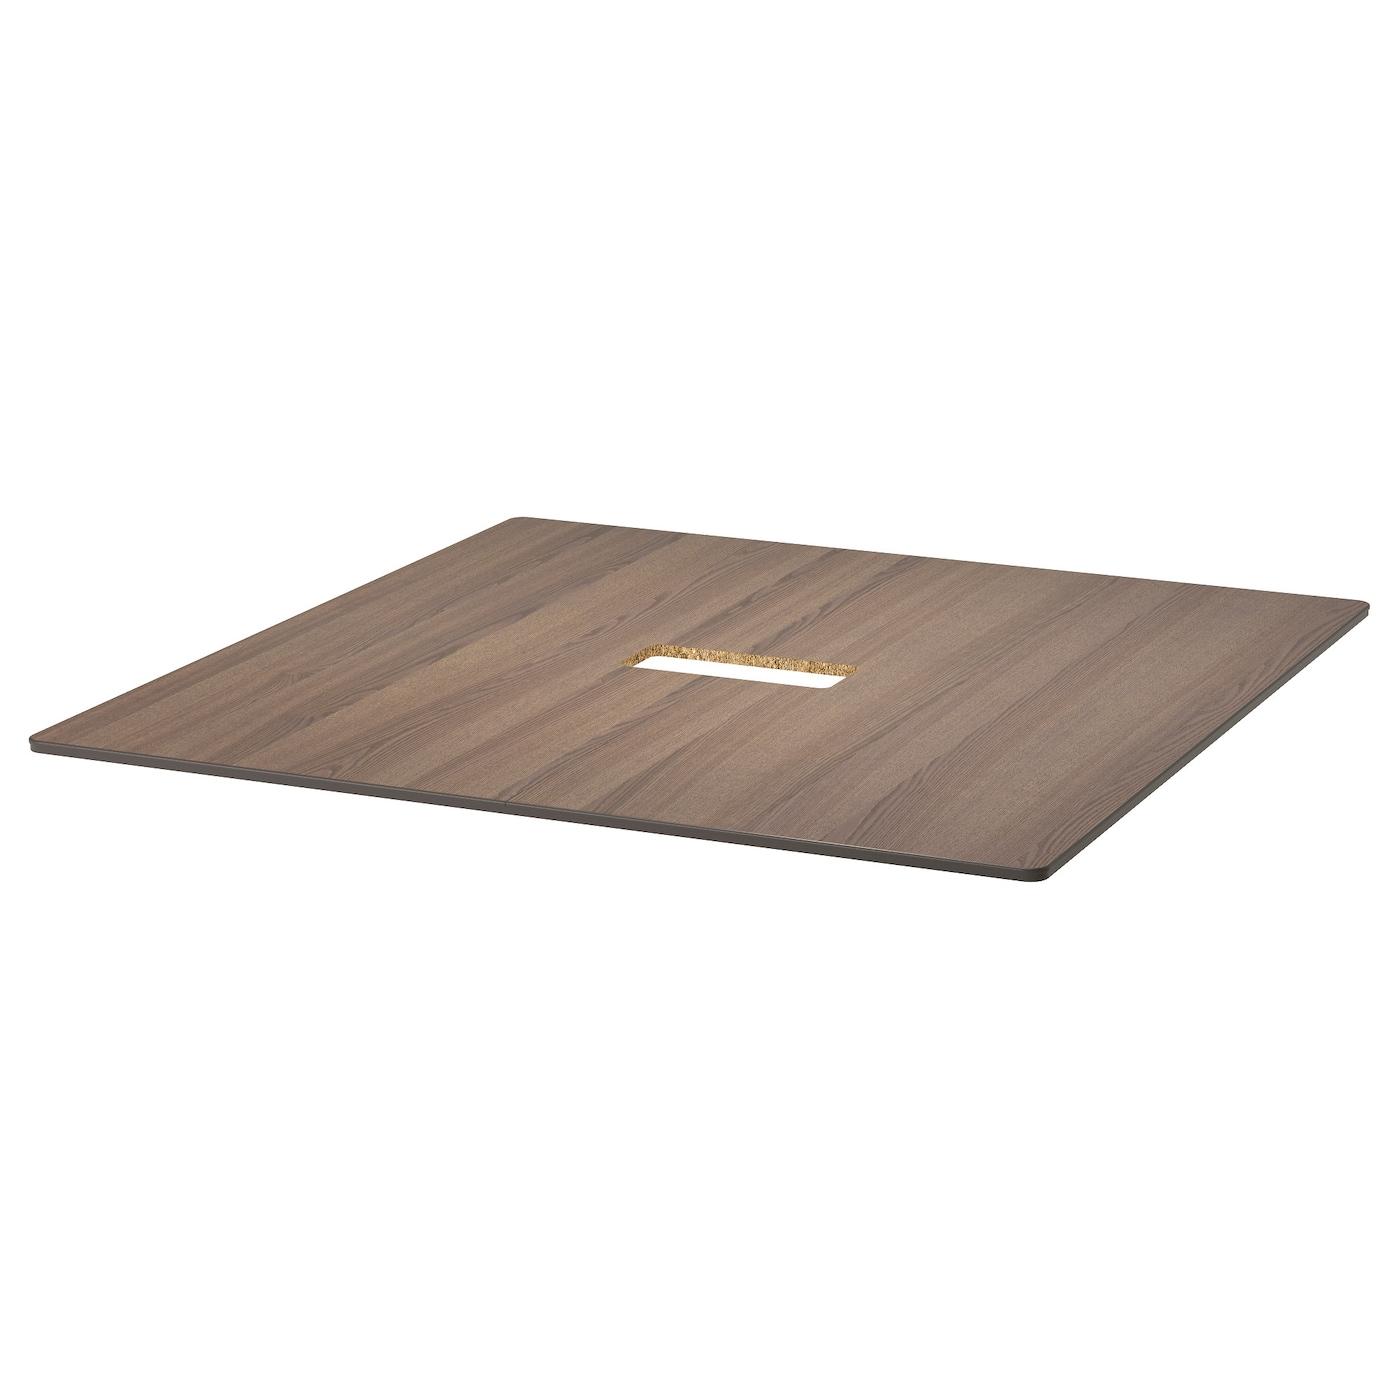 bekant plateau de table gris 140x140 cm ikea. Black Bedroom Furniture Sets. Home Design Ideas